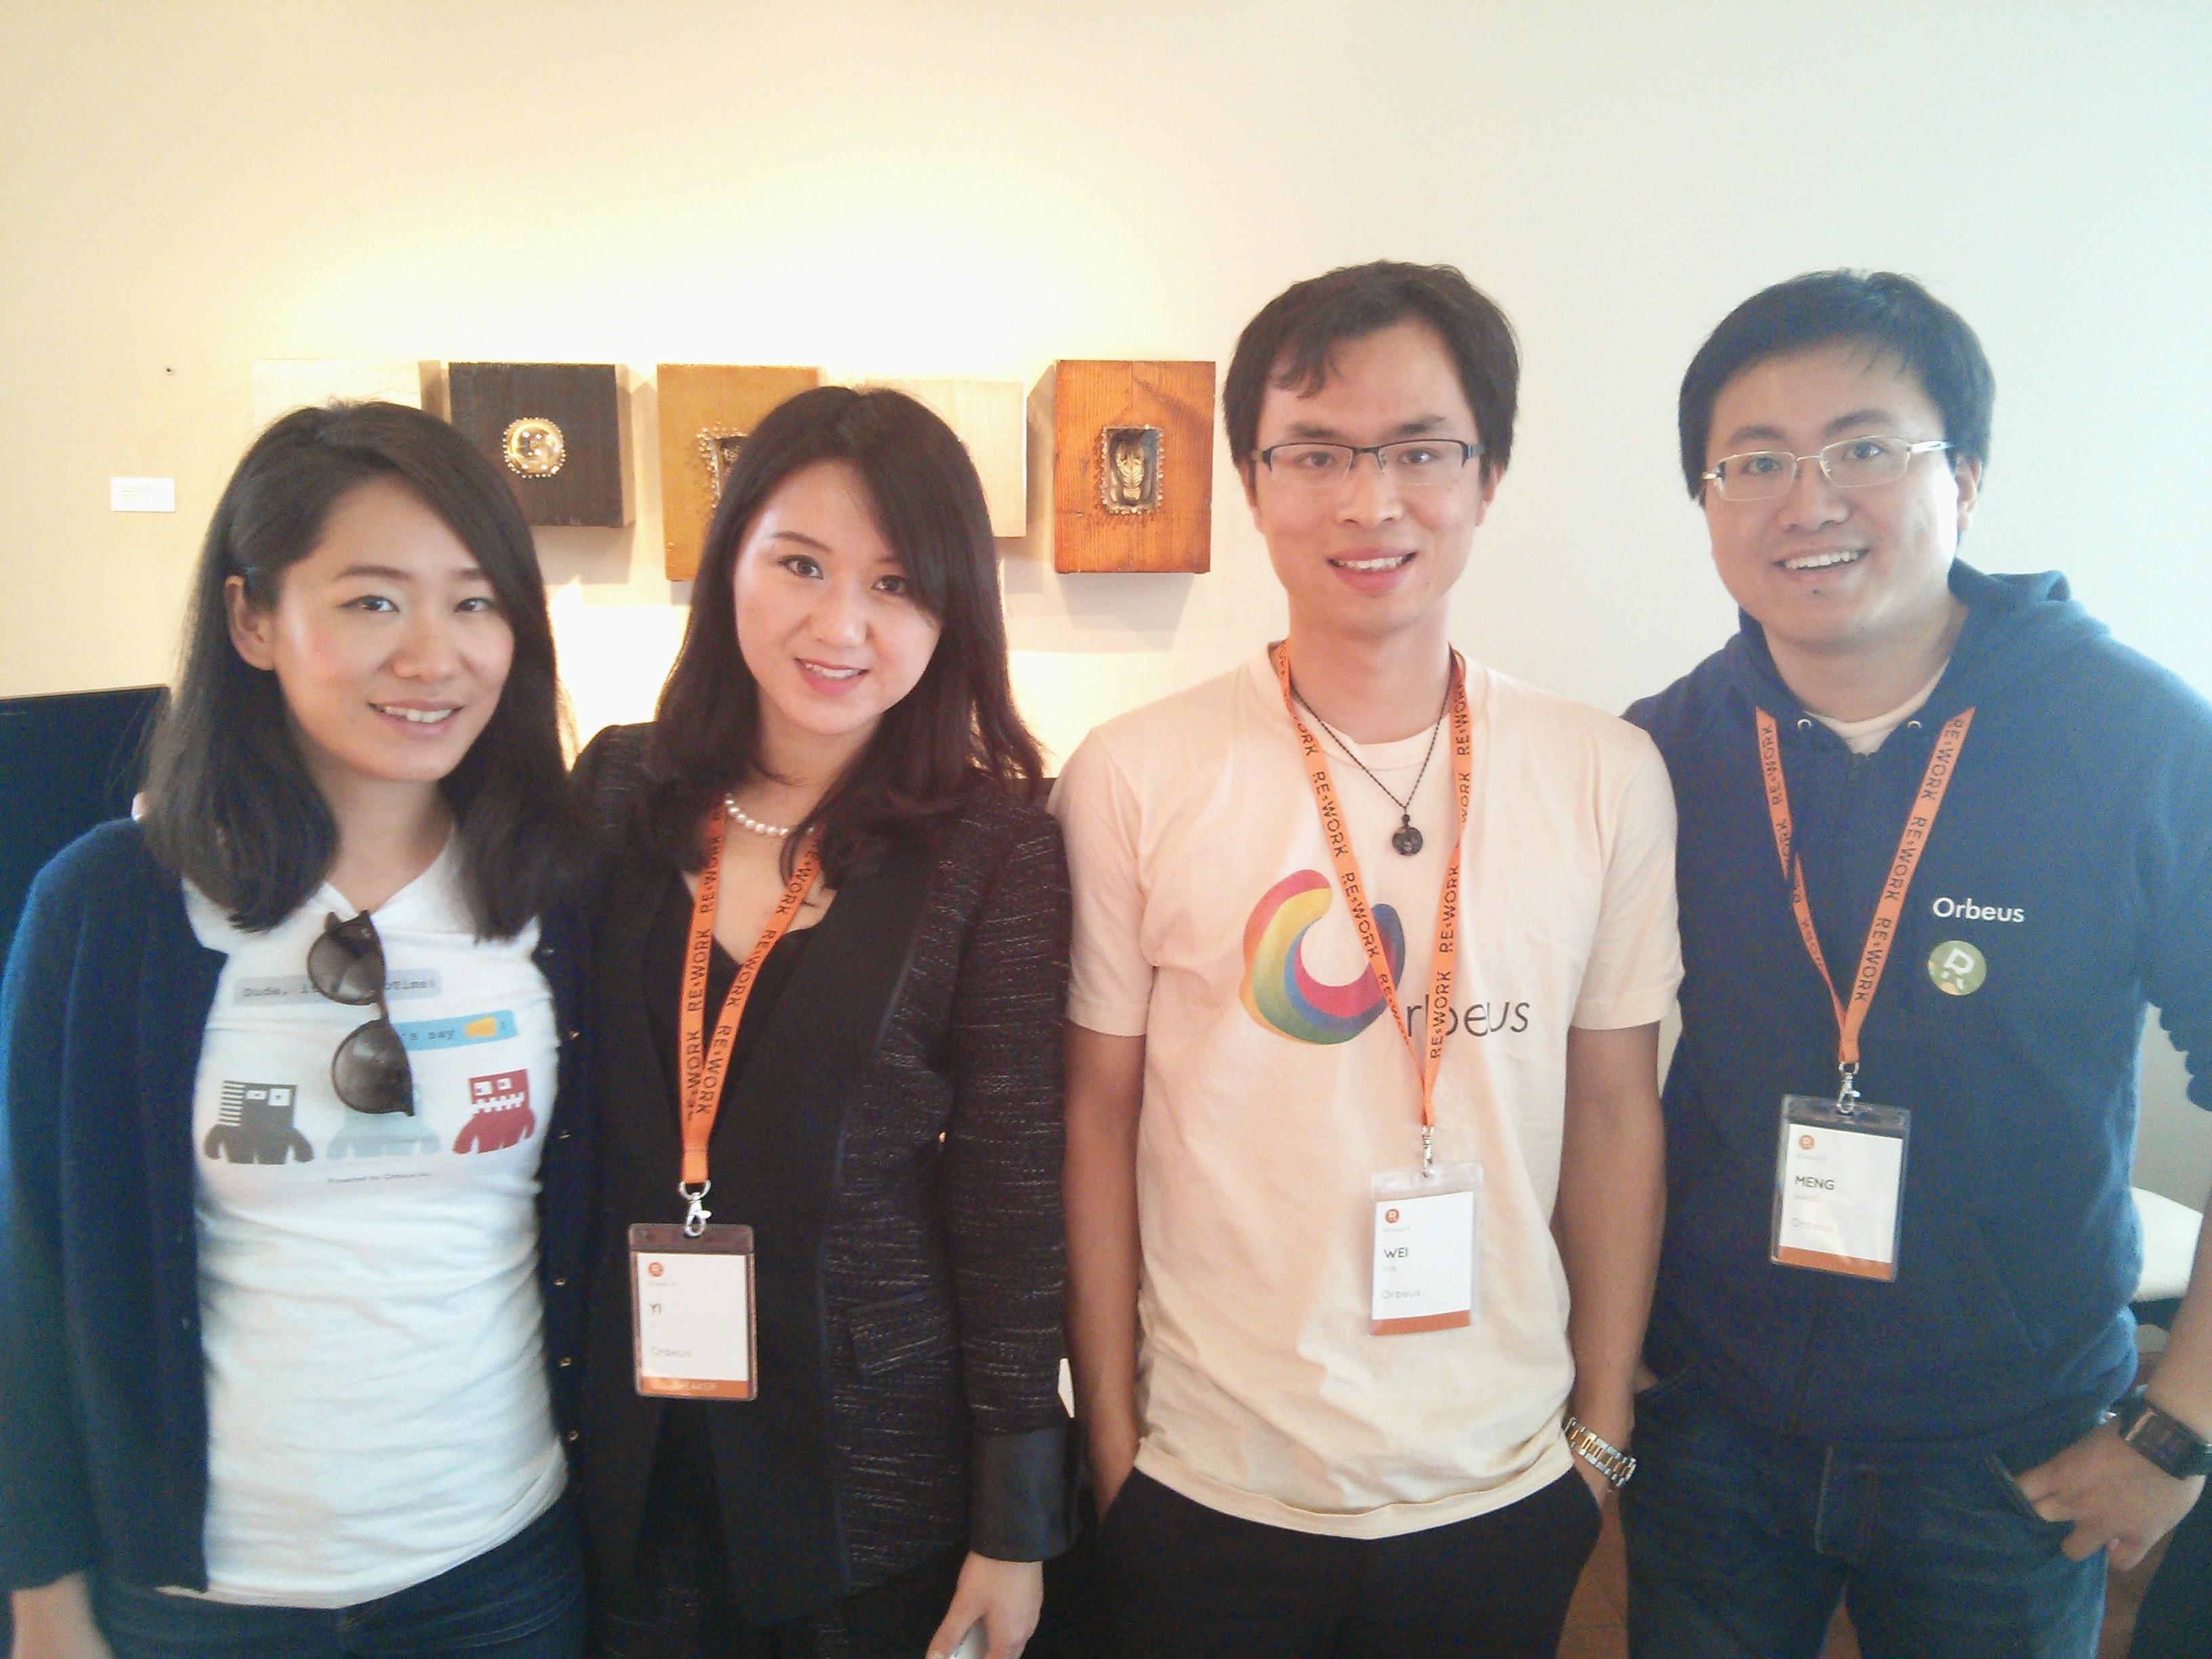 The Orbeus team. L to R: TK, Yi Li, Wei Xia and Meng Wang.